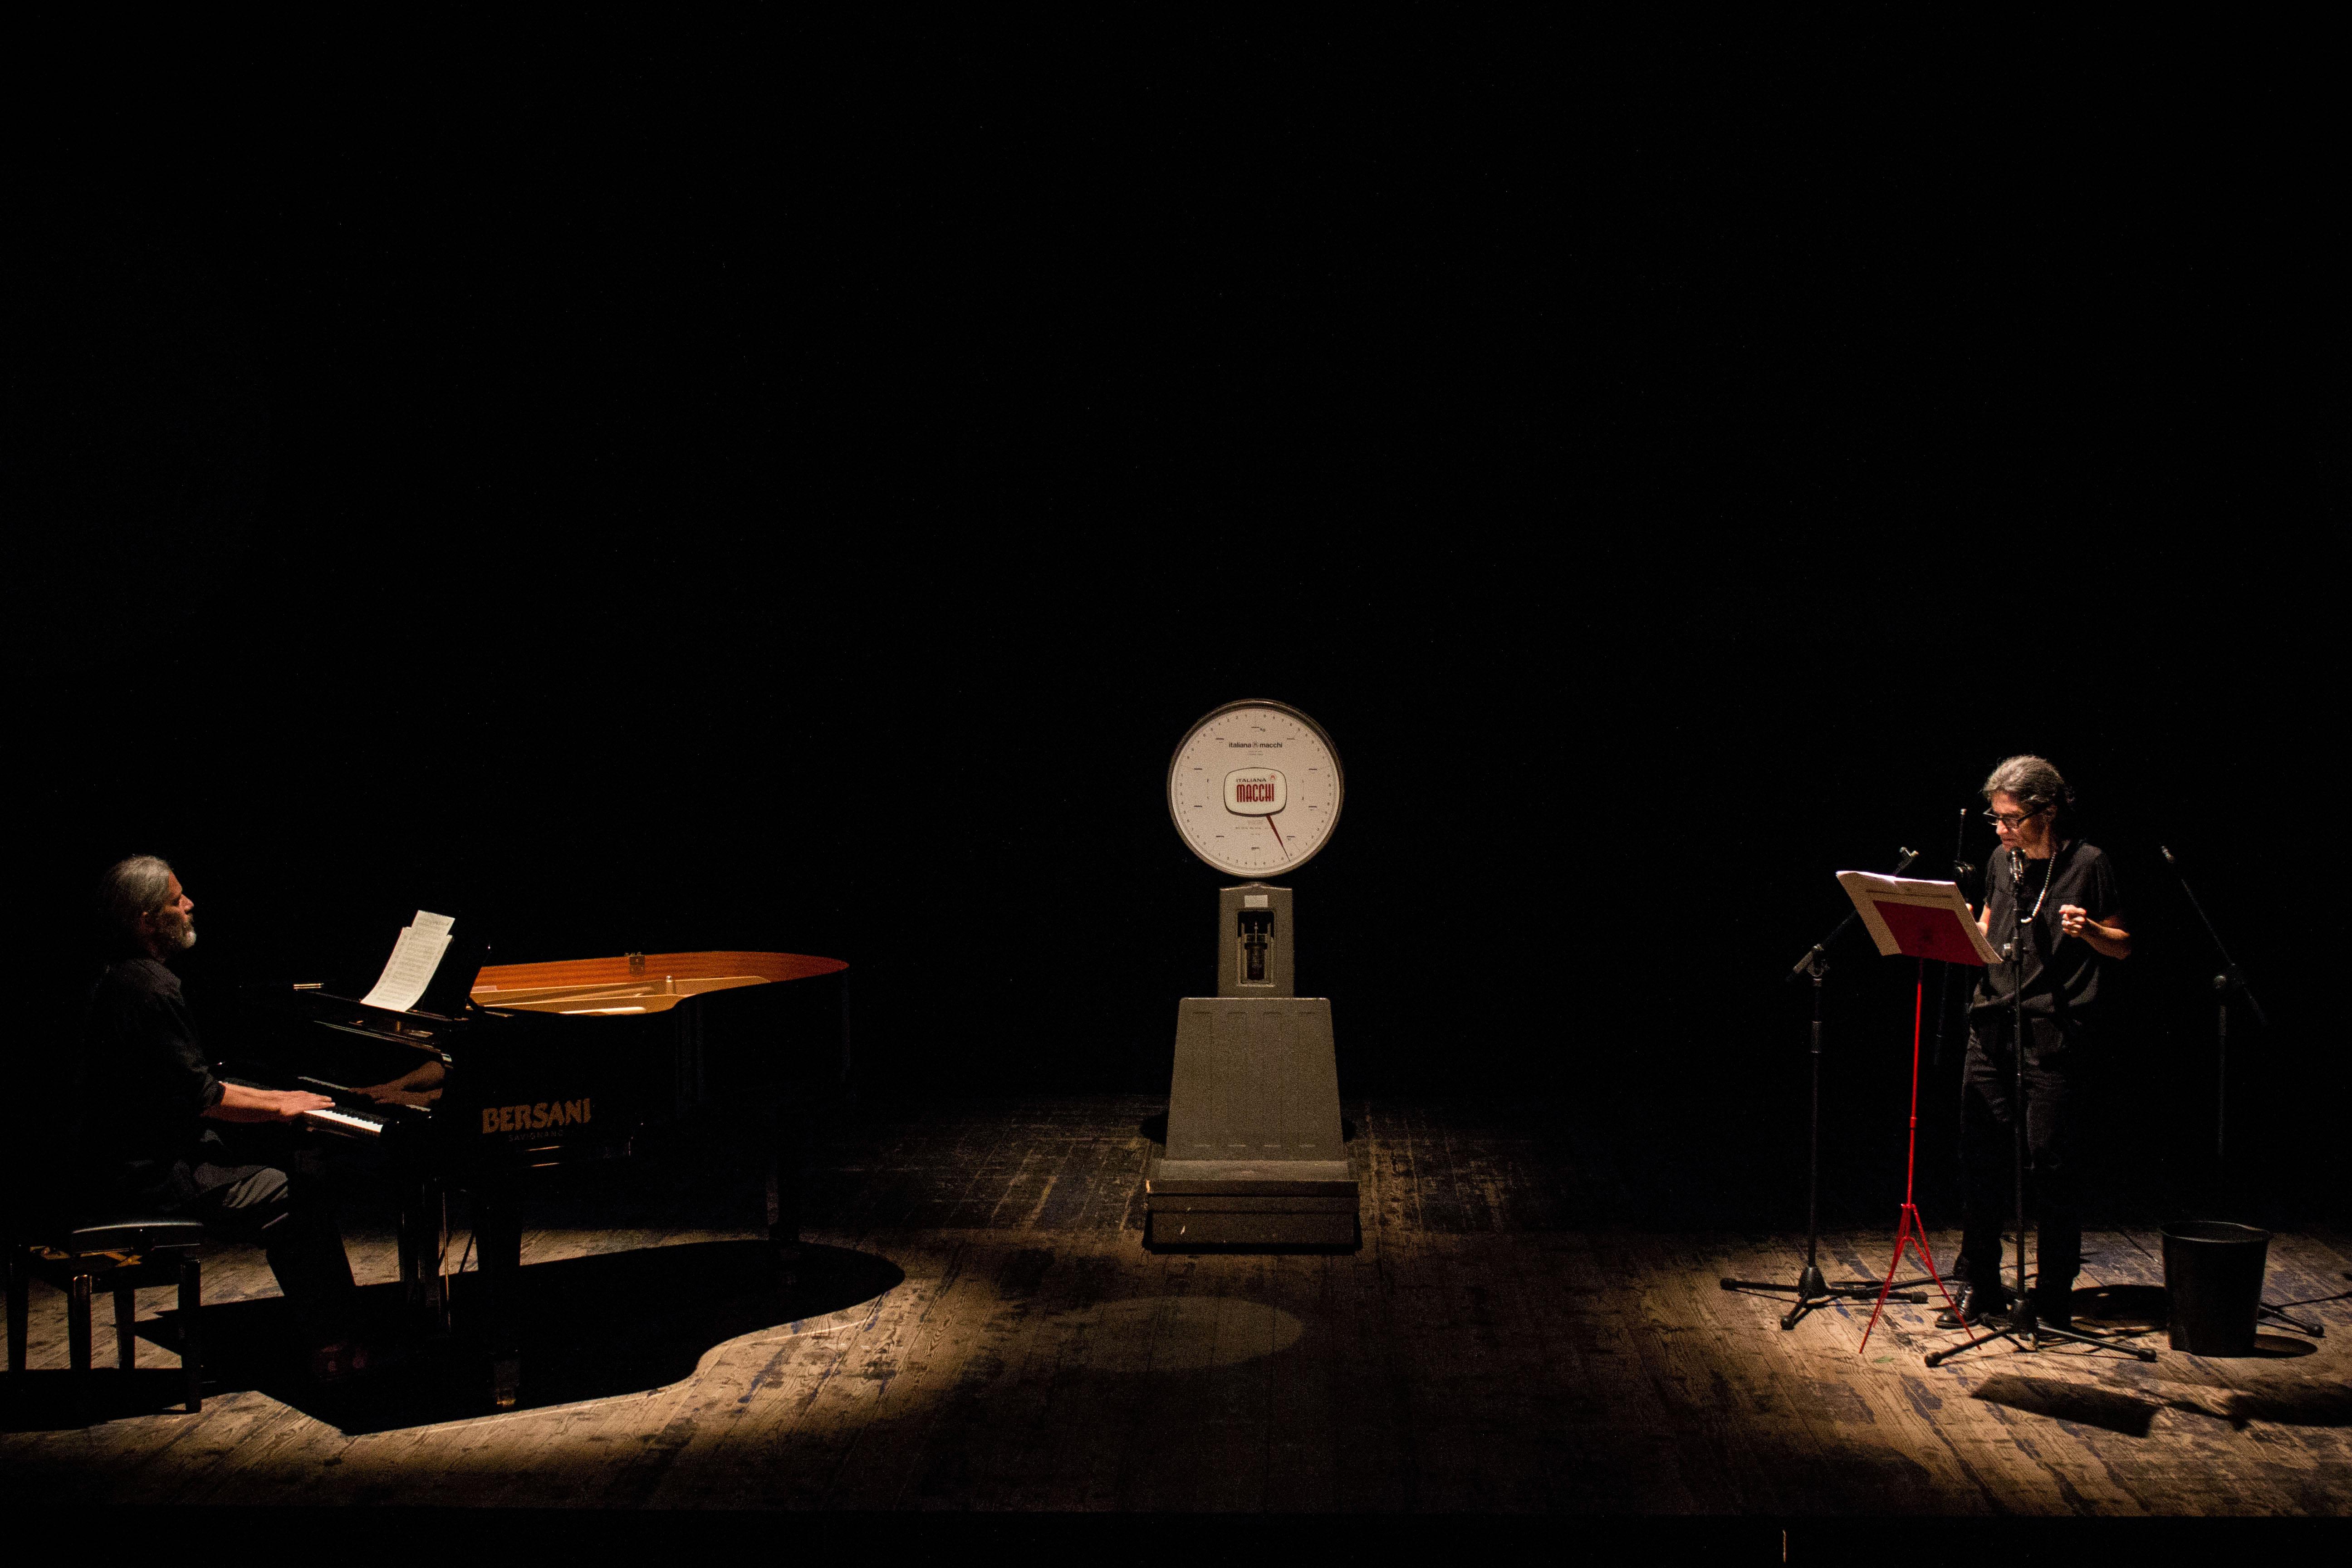 Tracce di drammaturgia sonora senza sbocco creativo